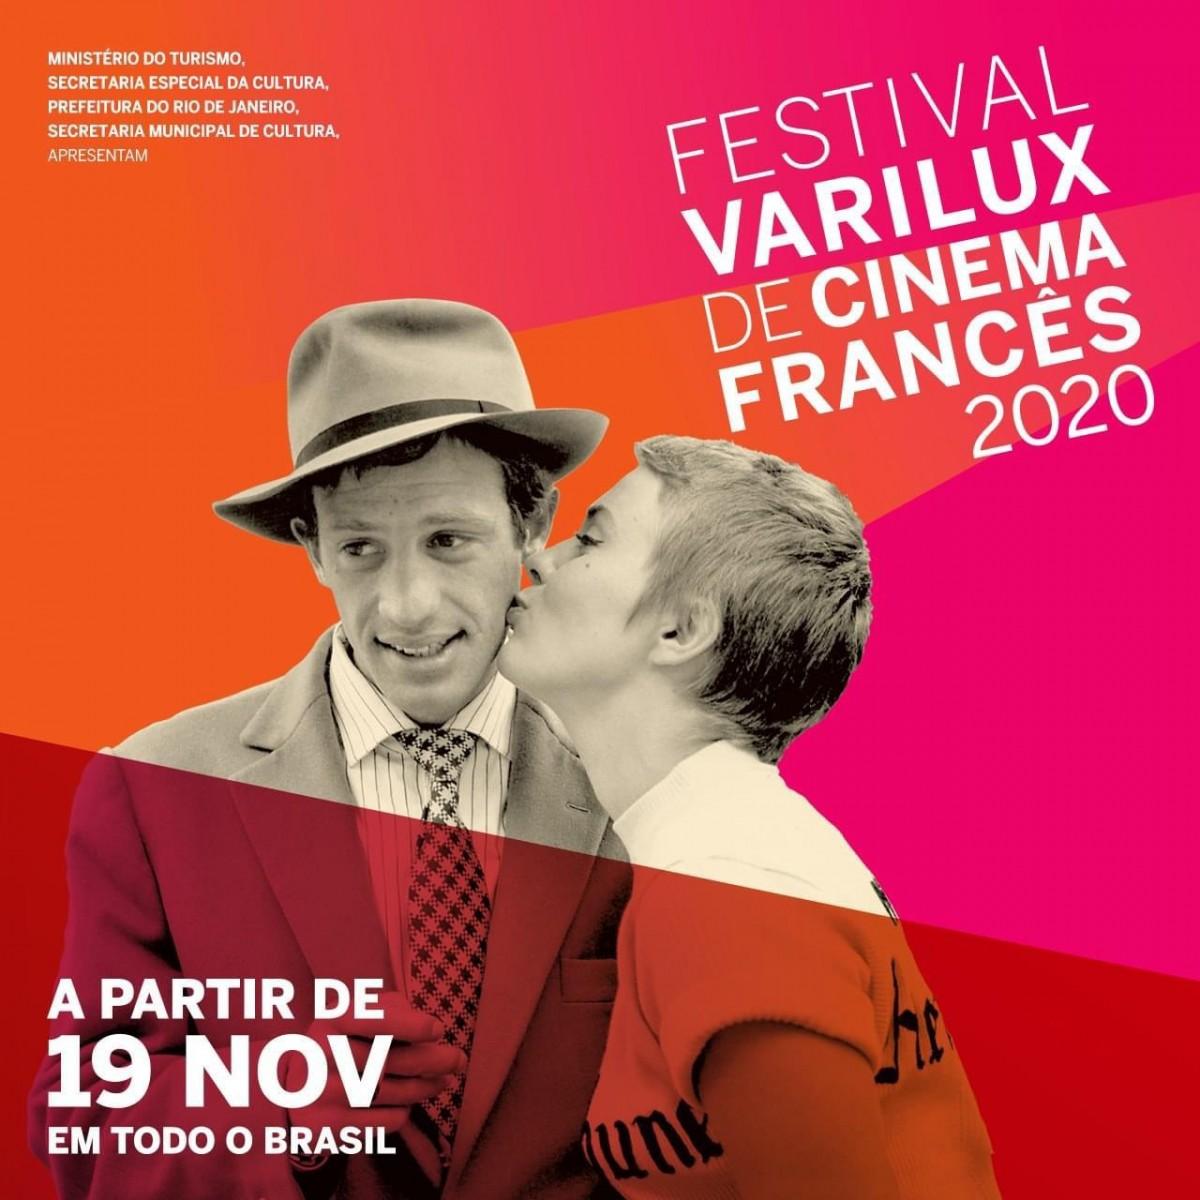 Décima Primeira edição do Festival Varilux aporta no Drive In Museu da Gente e no Cine Vitória (Imagem: Divulgação)